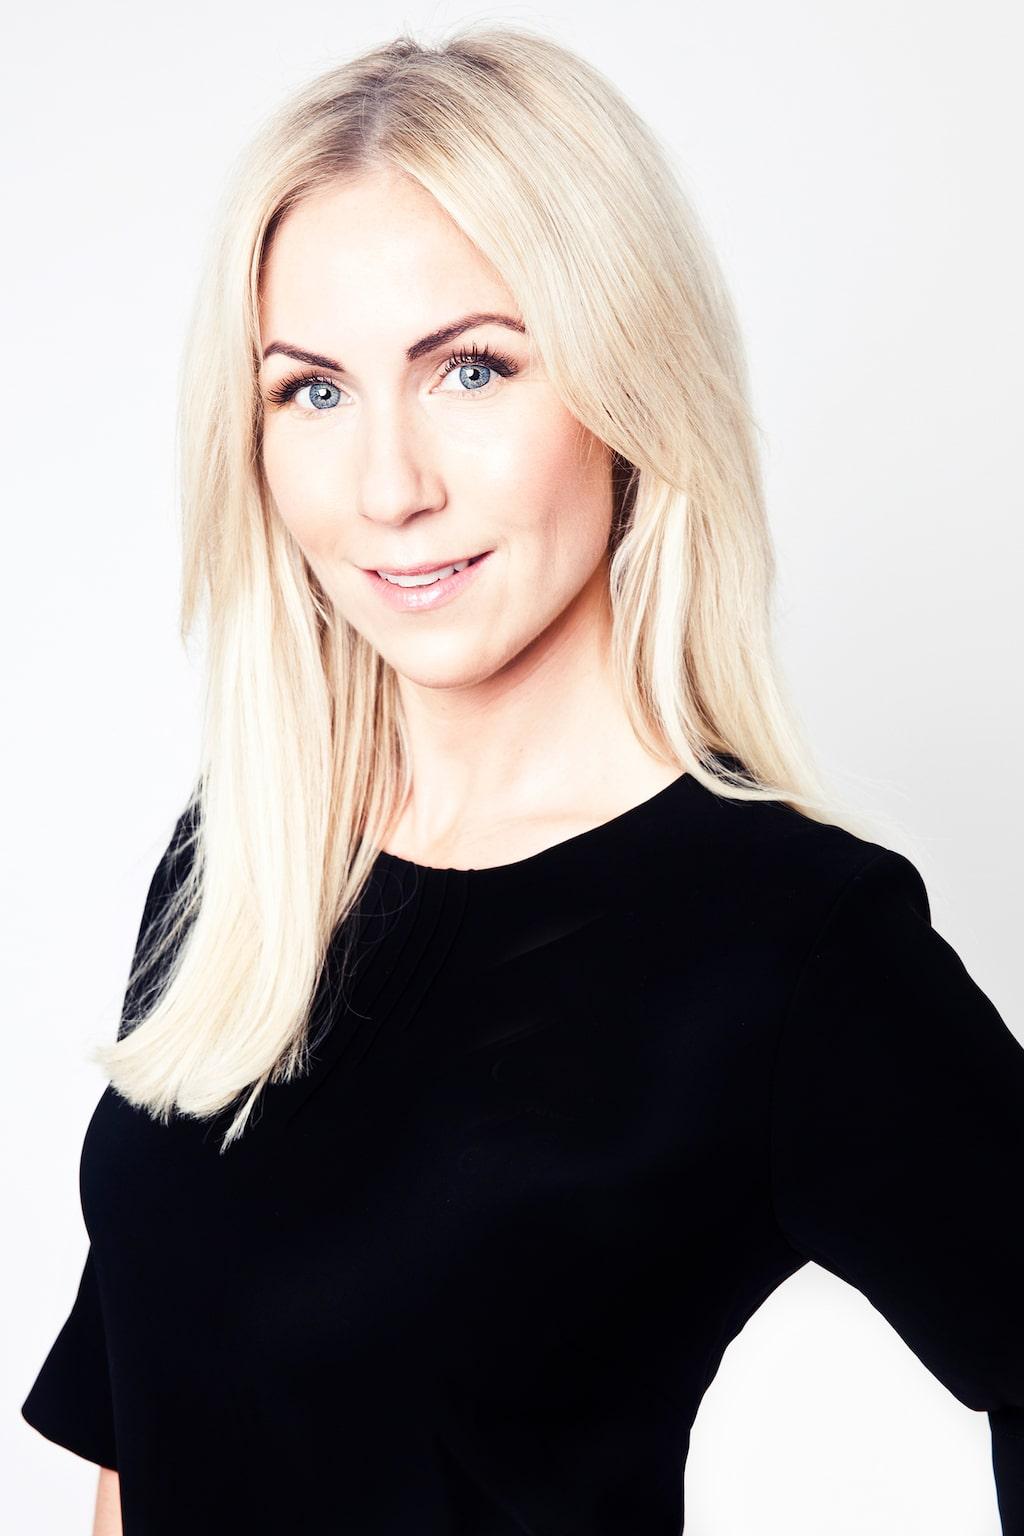 Annica Forsgren Kjellman är hudterapeut och grundare av Skincity, en hudvårdsåterförsäljare på nätet.